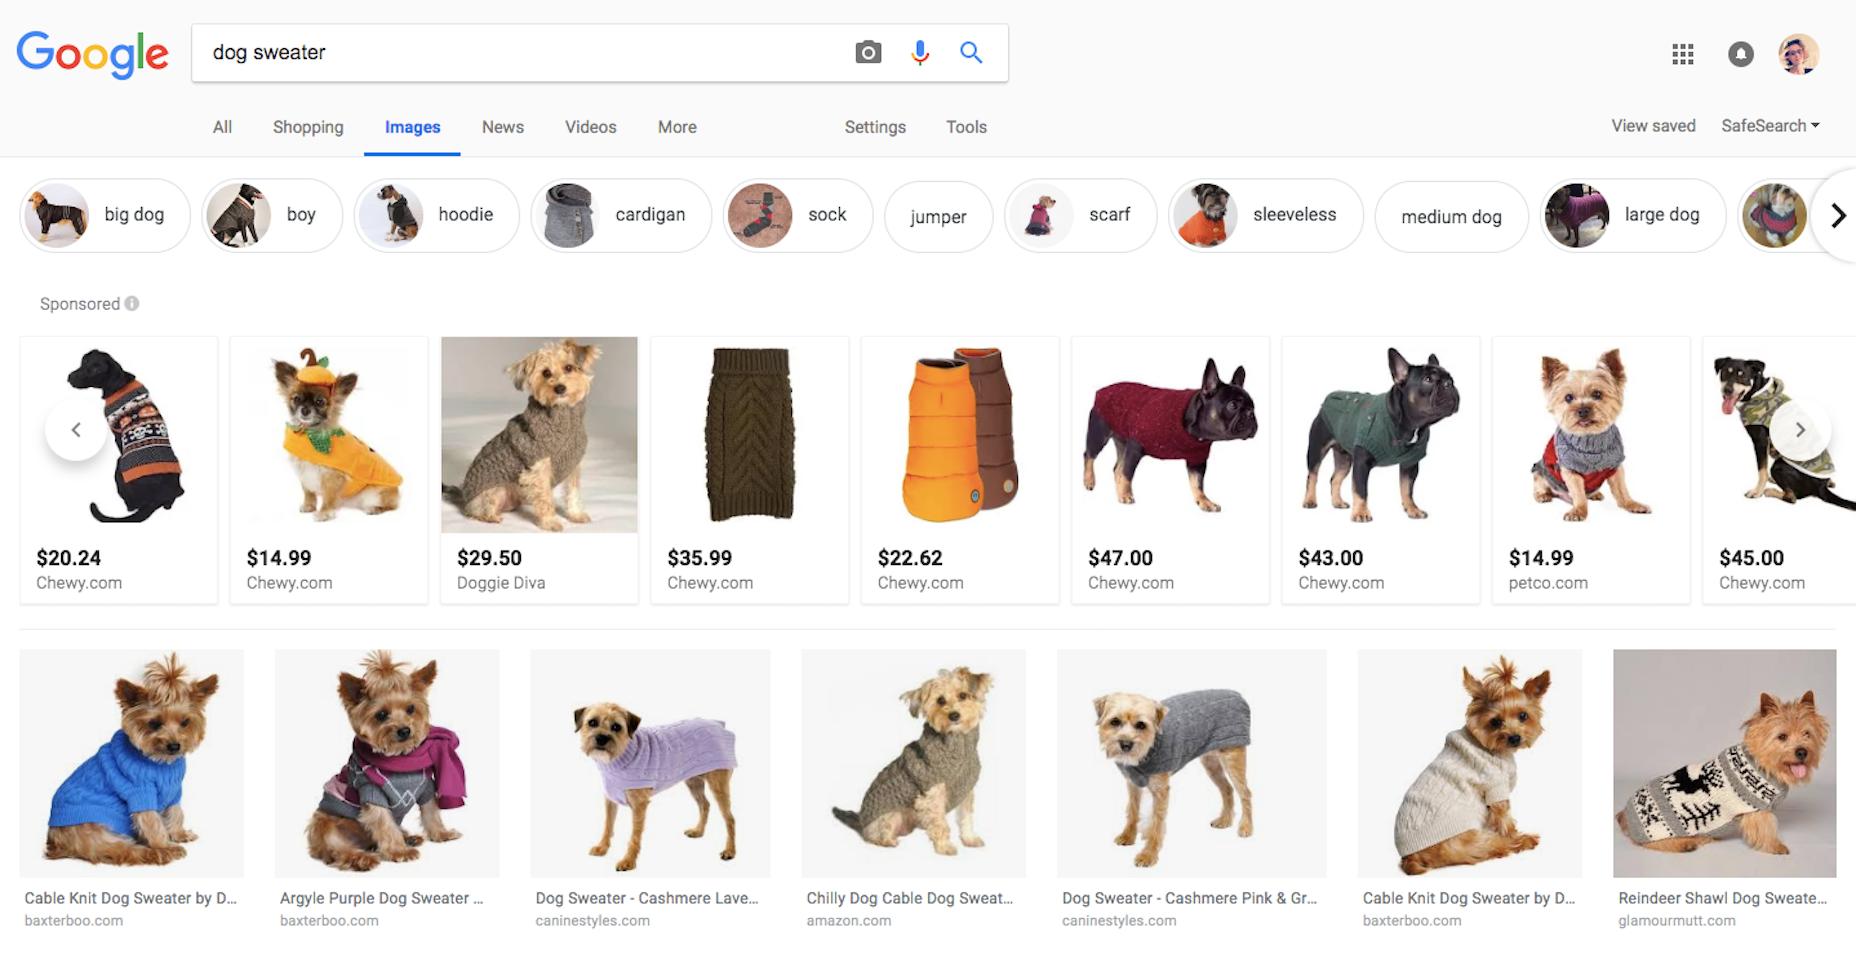 Resultados de búsqueda de productos